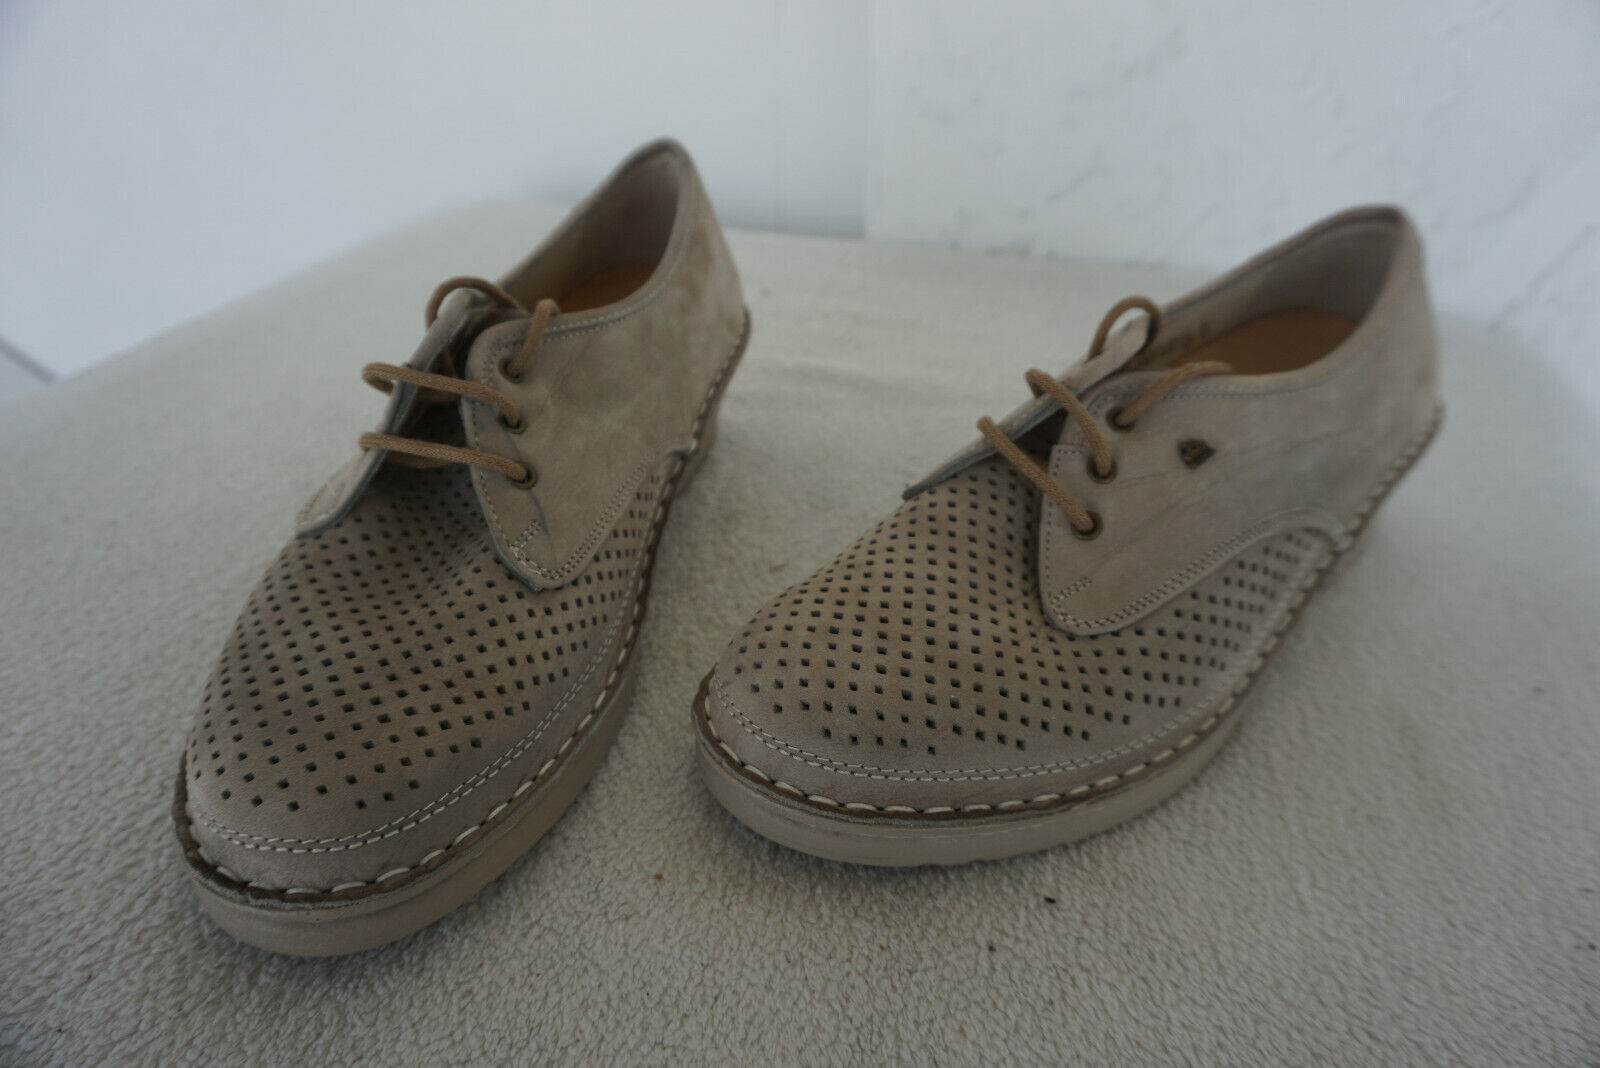 Finn Comfort palermo zapatos con depósitos schnürzapatos talla 3 36 marrón de cuero nuevo